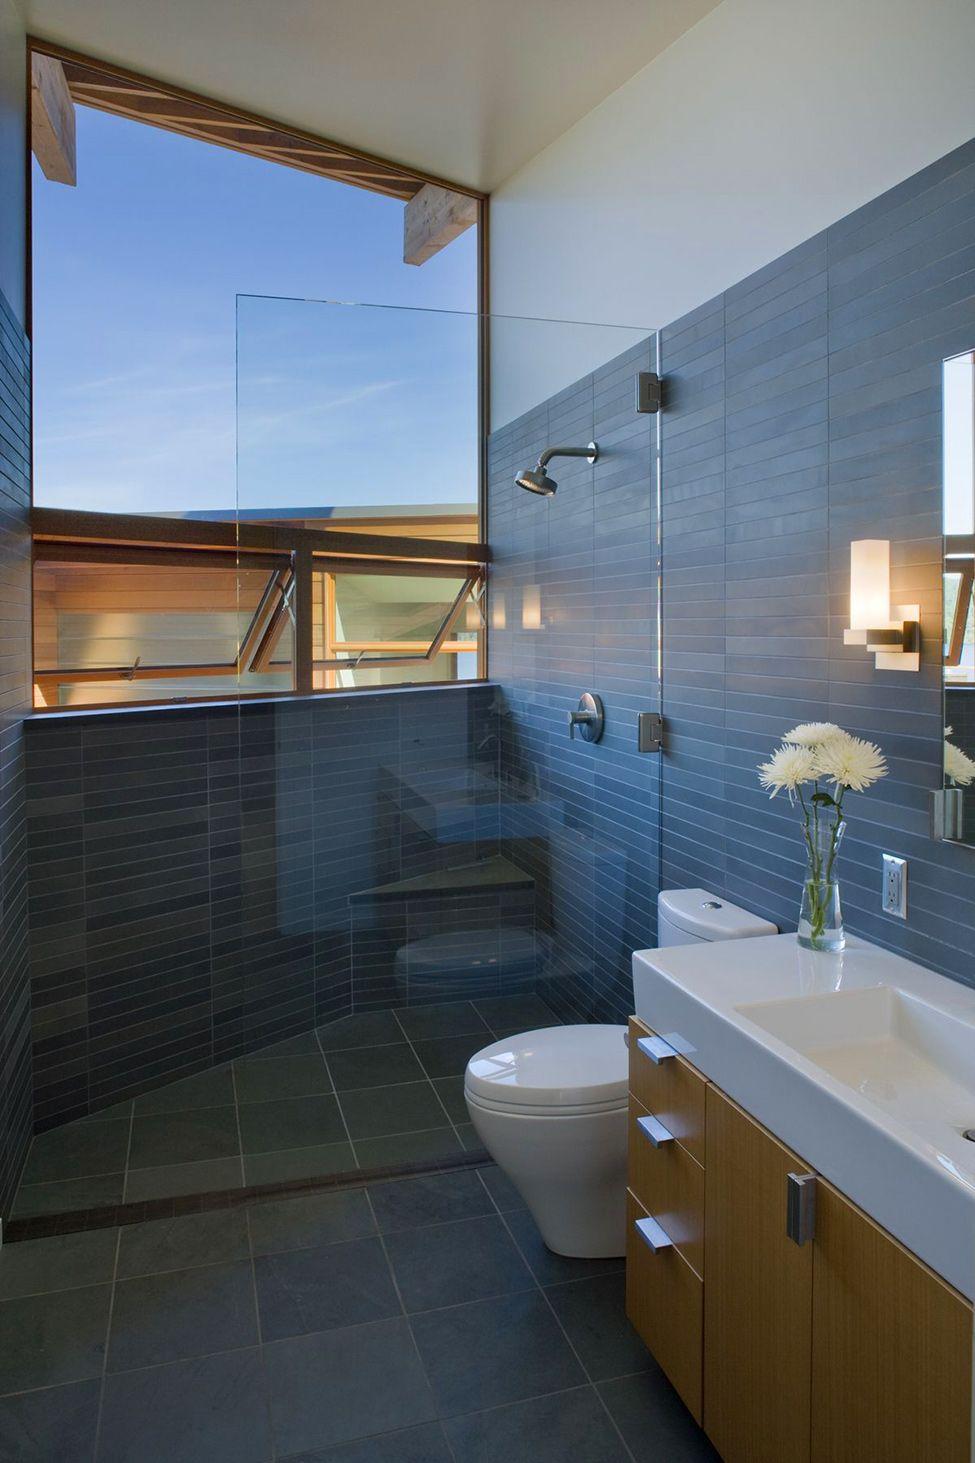 Gallery of Slate Tile Bathroom Designs